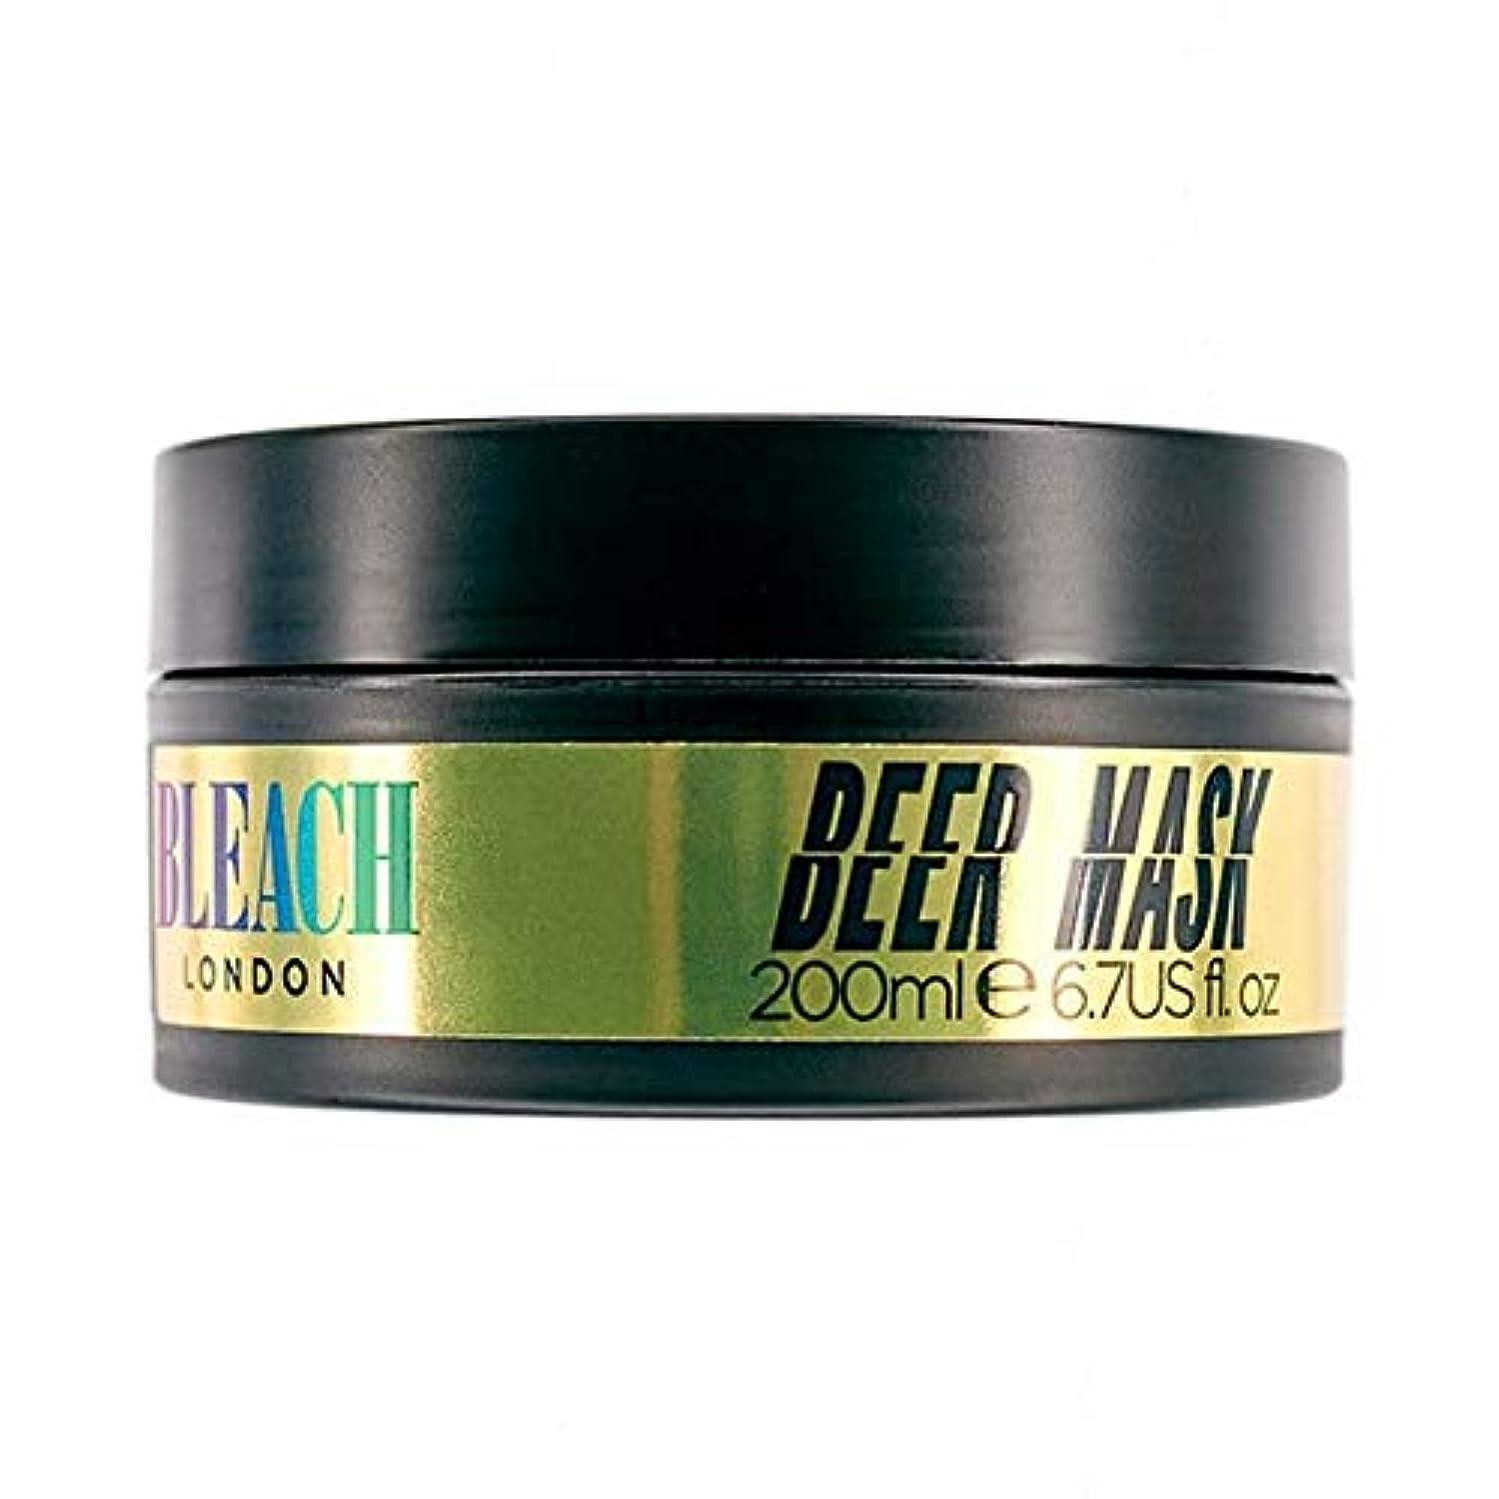 極めて群れ狭い[Bleach London ] 漂白ロンドンビールマスク200ミリリットル - Bleach London Beer Mask 200ml [並行輸入品]